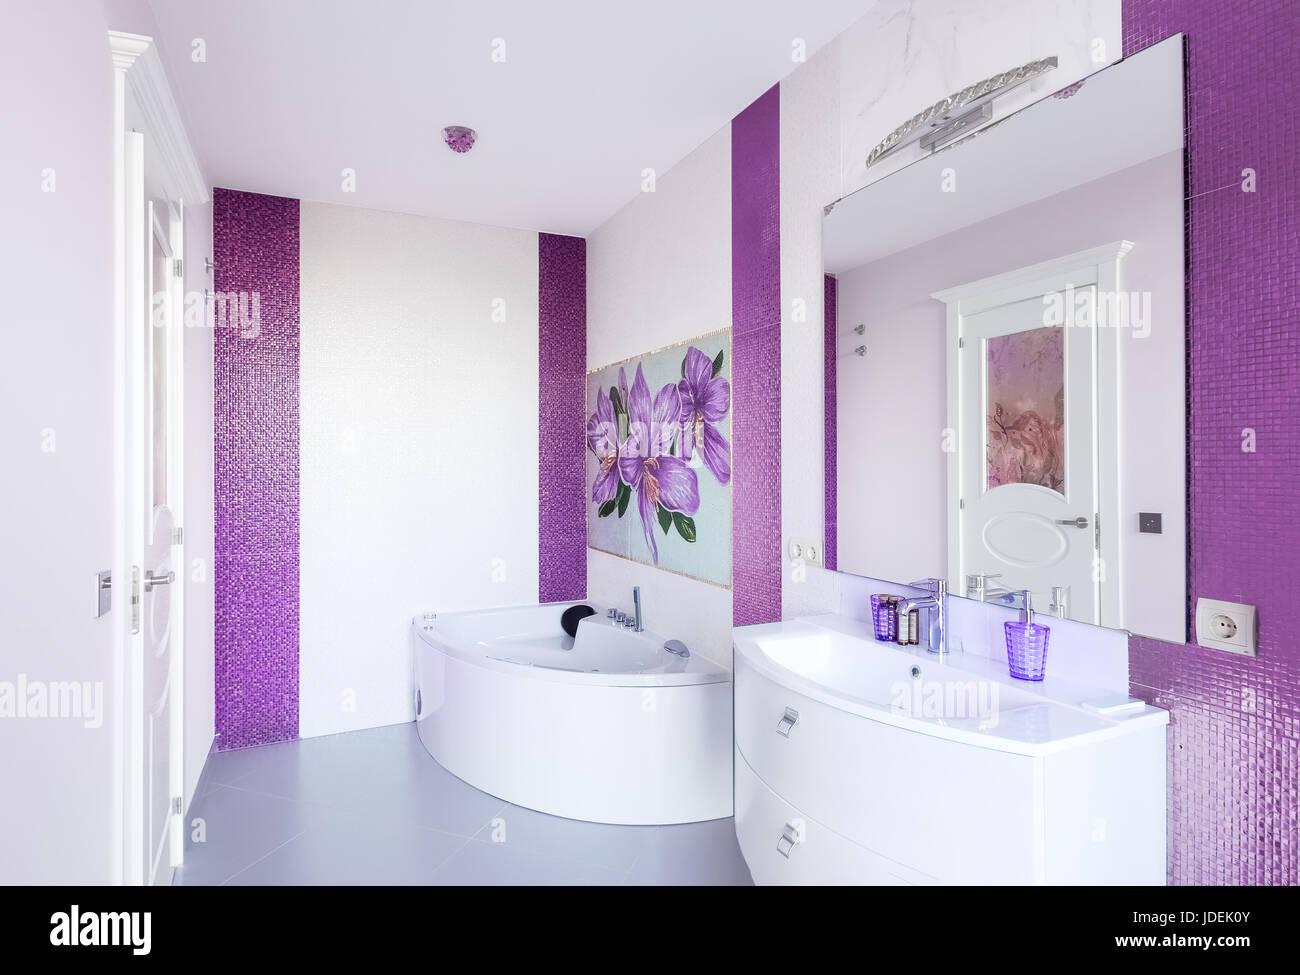 Salle de bains moderne avec un intérieur panneau de mosaïque ...